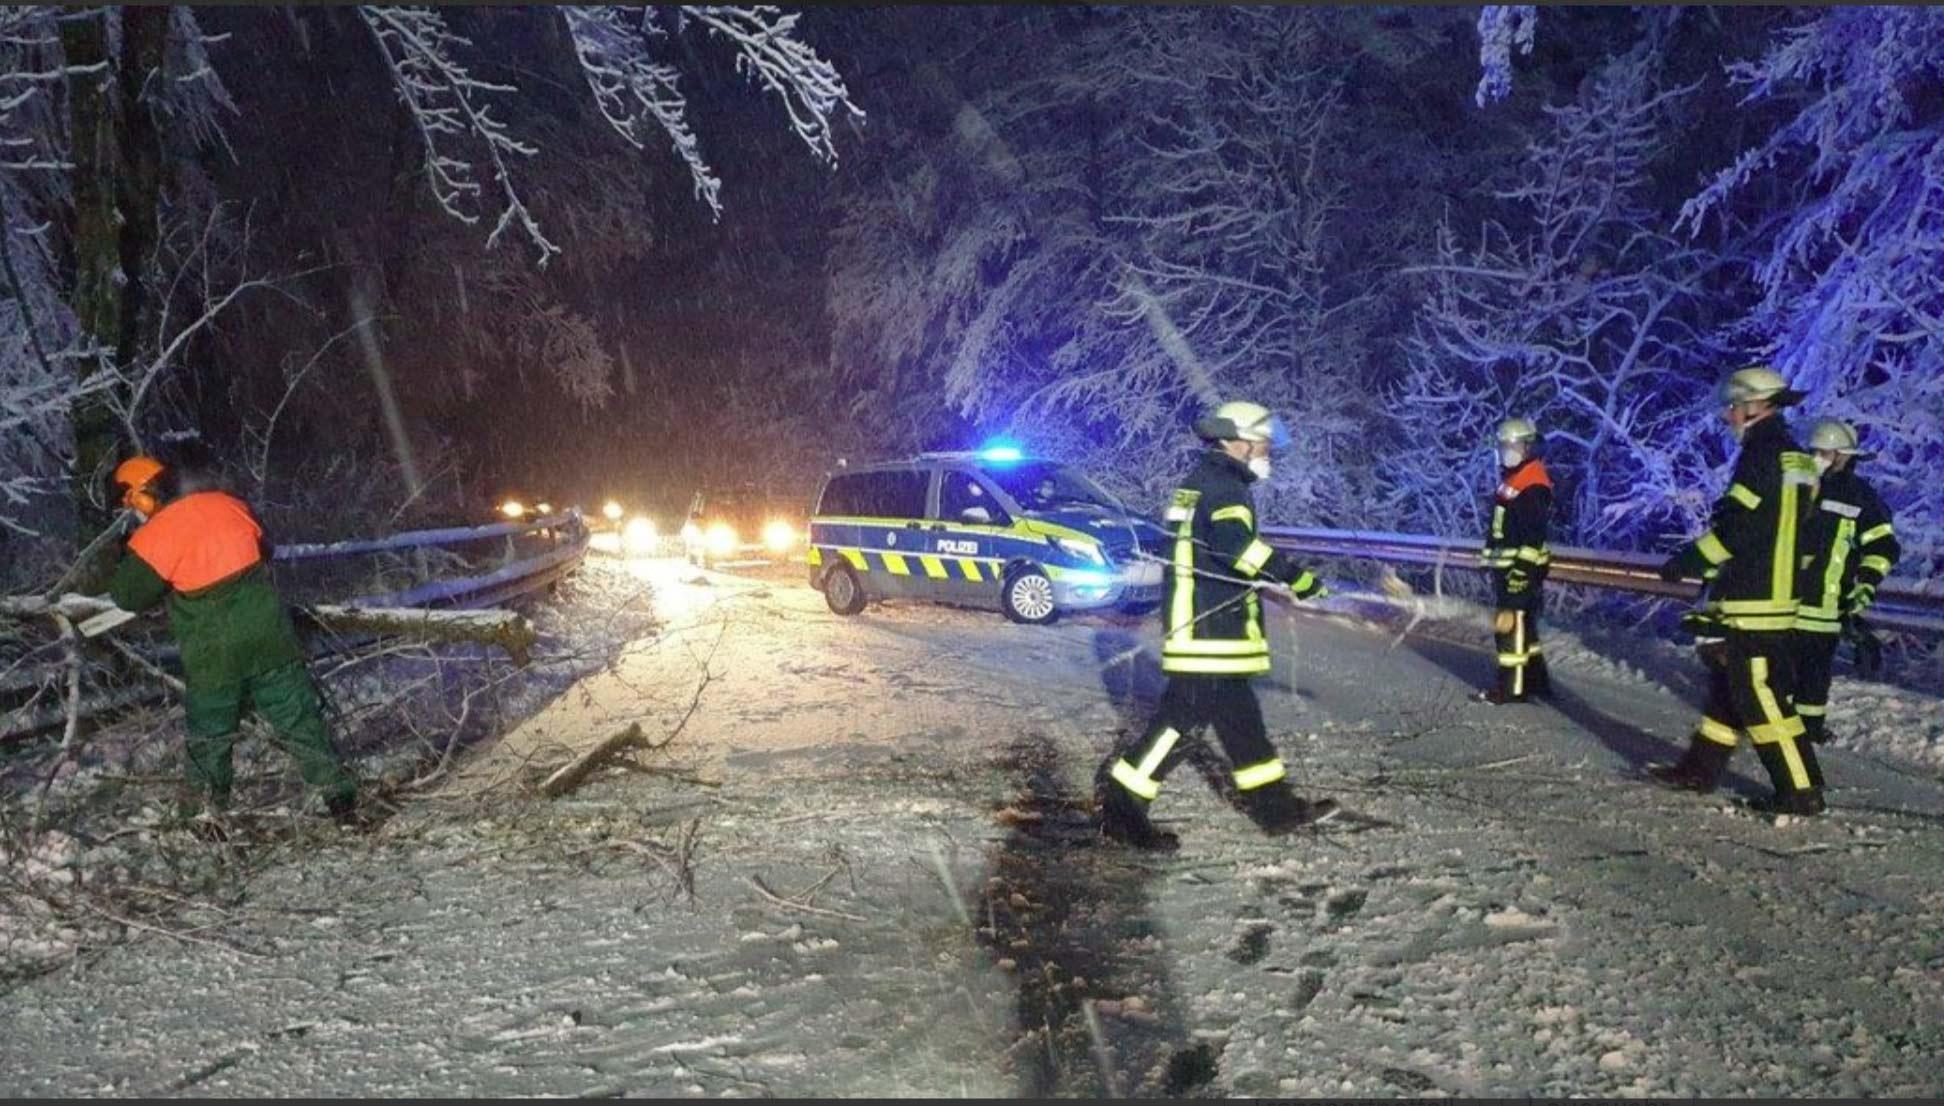 königswinter, Schneetief sorgt für Feuerwehreinsätze in Königswinter, City-News.de